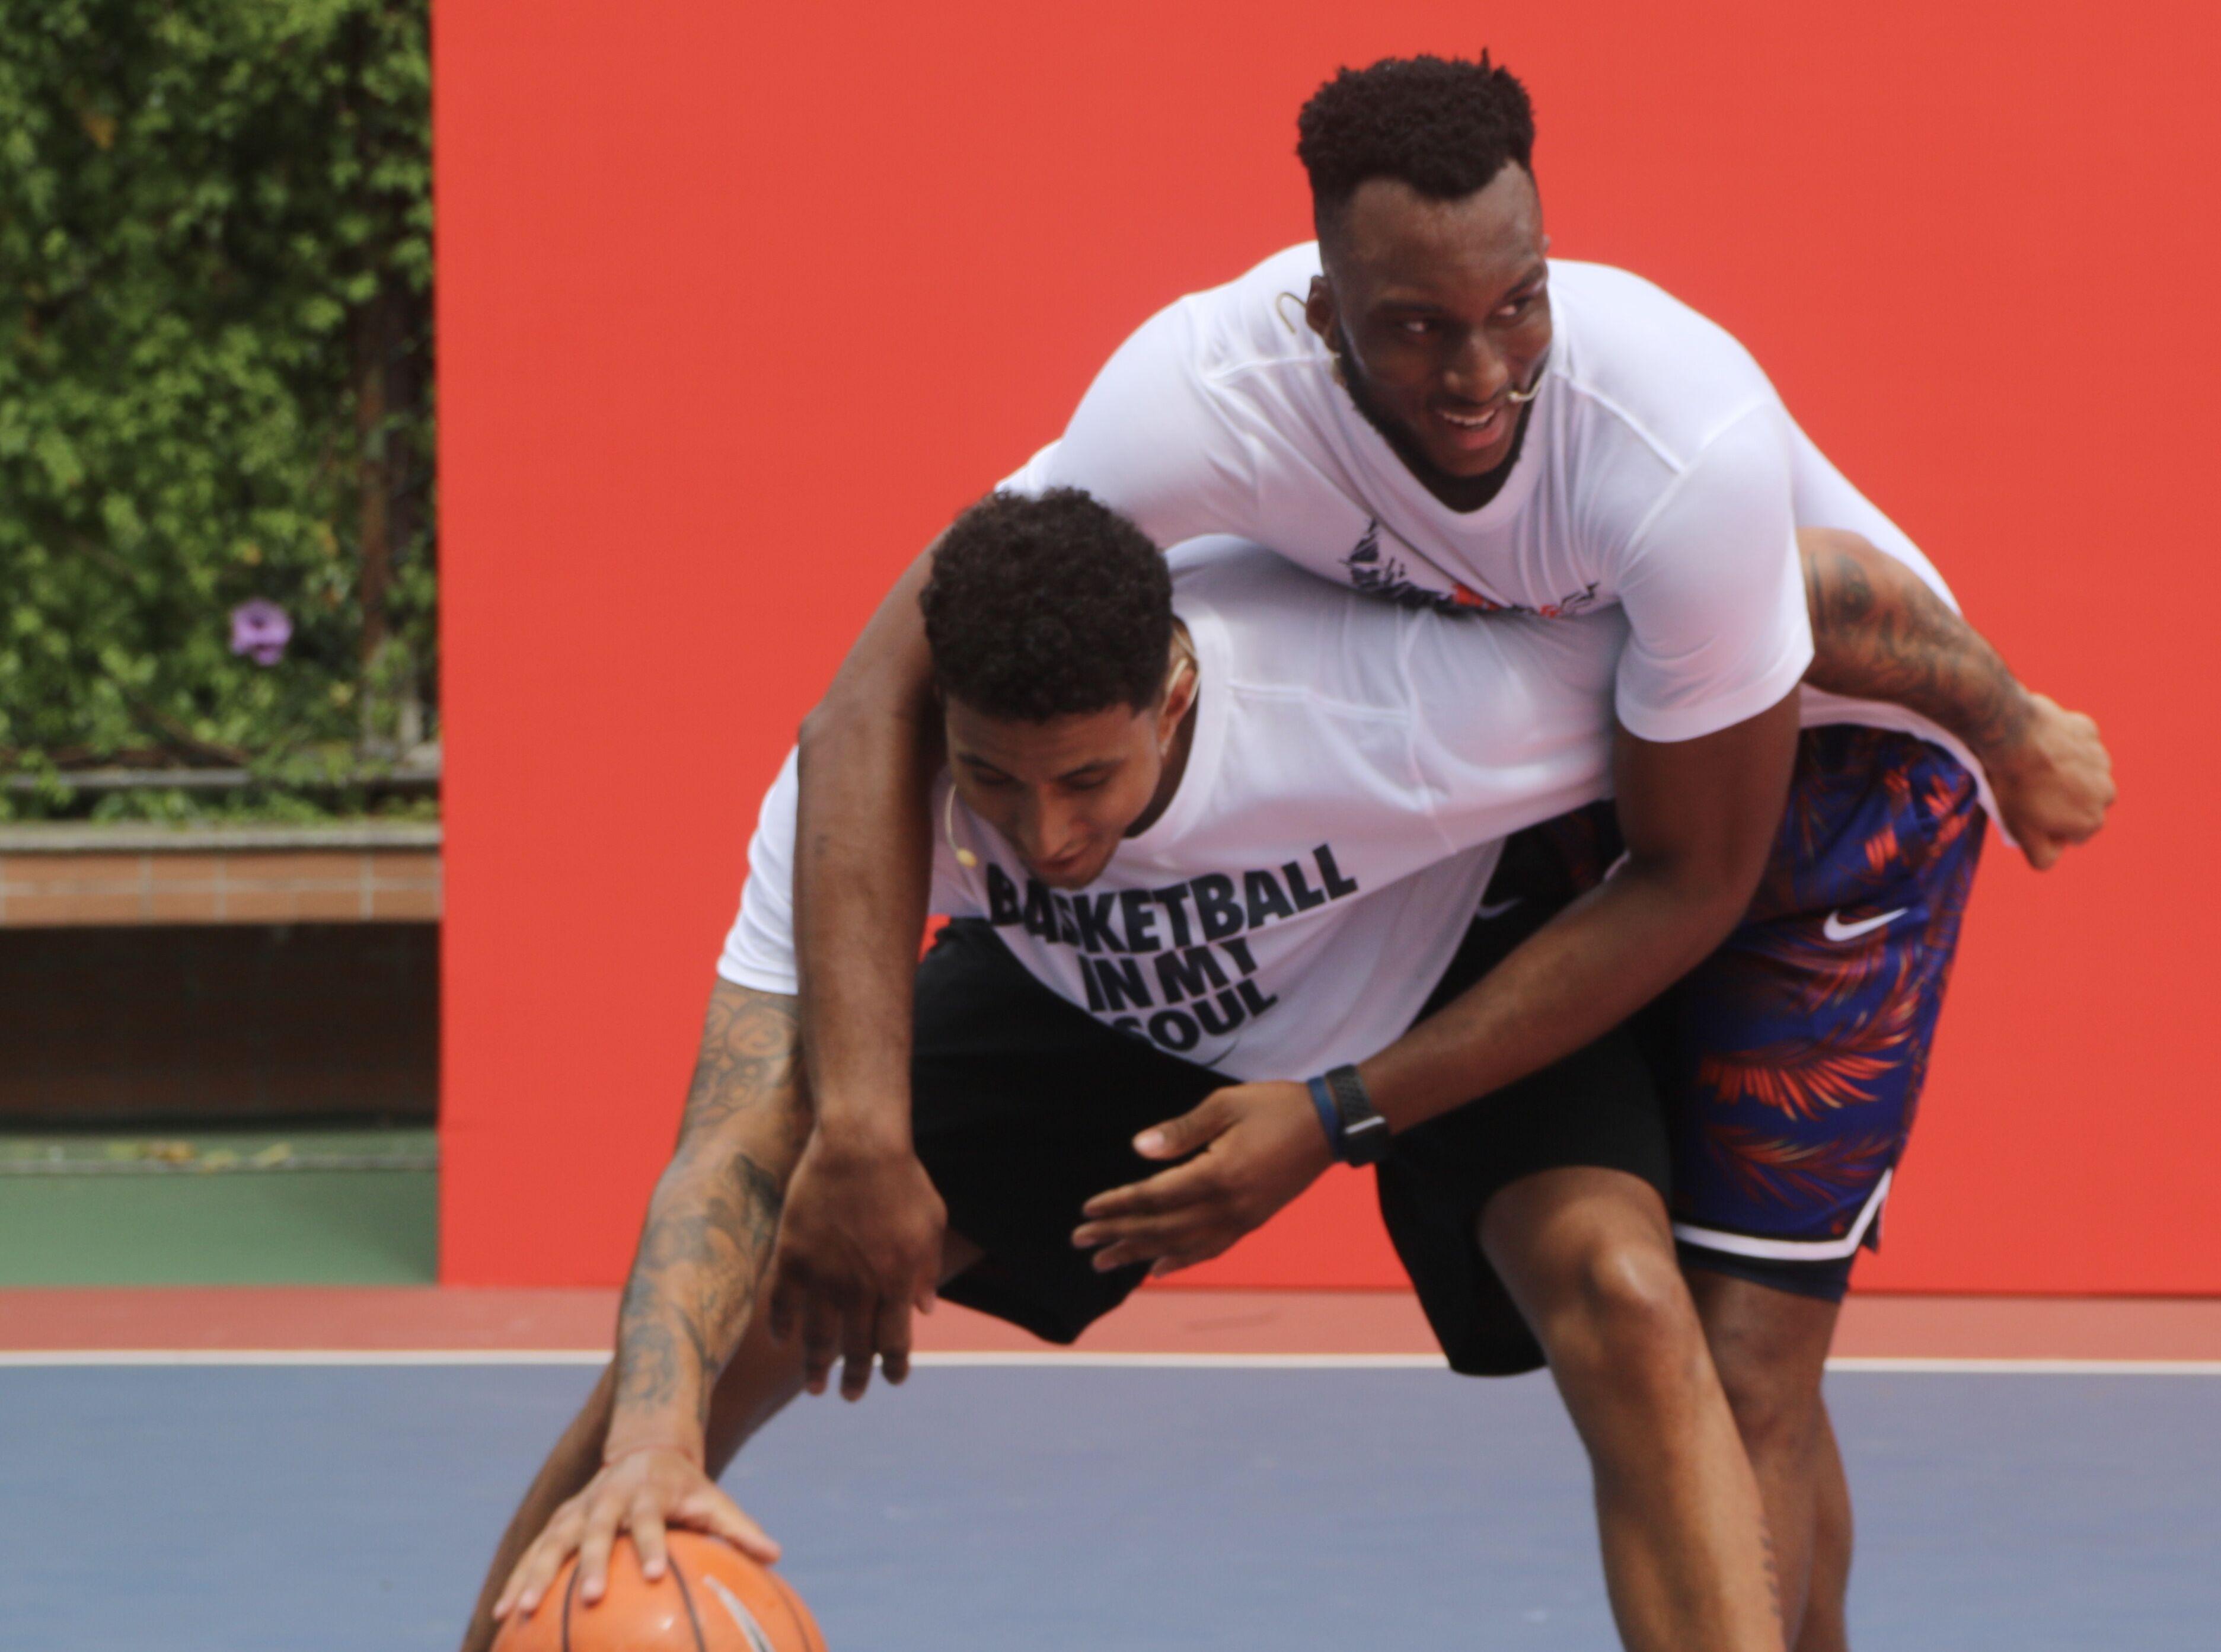 去XX的篮球梦系列!库兹马与小学生互动多次扇飞投篮